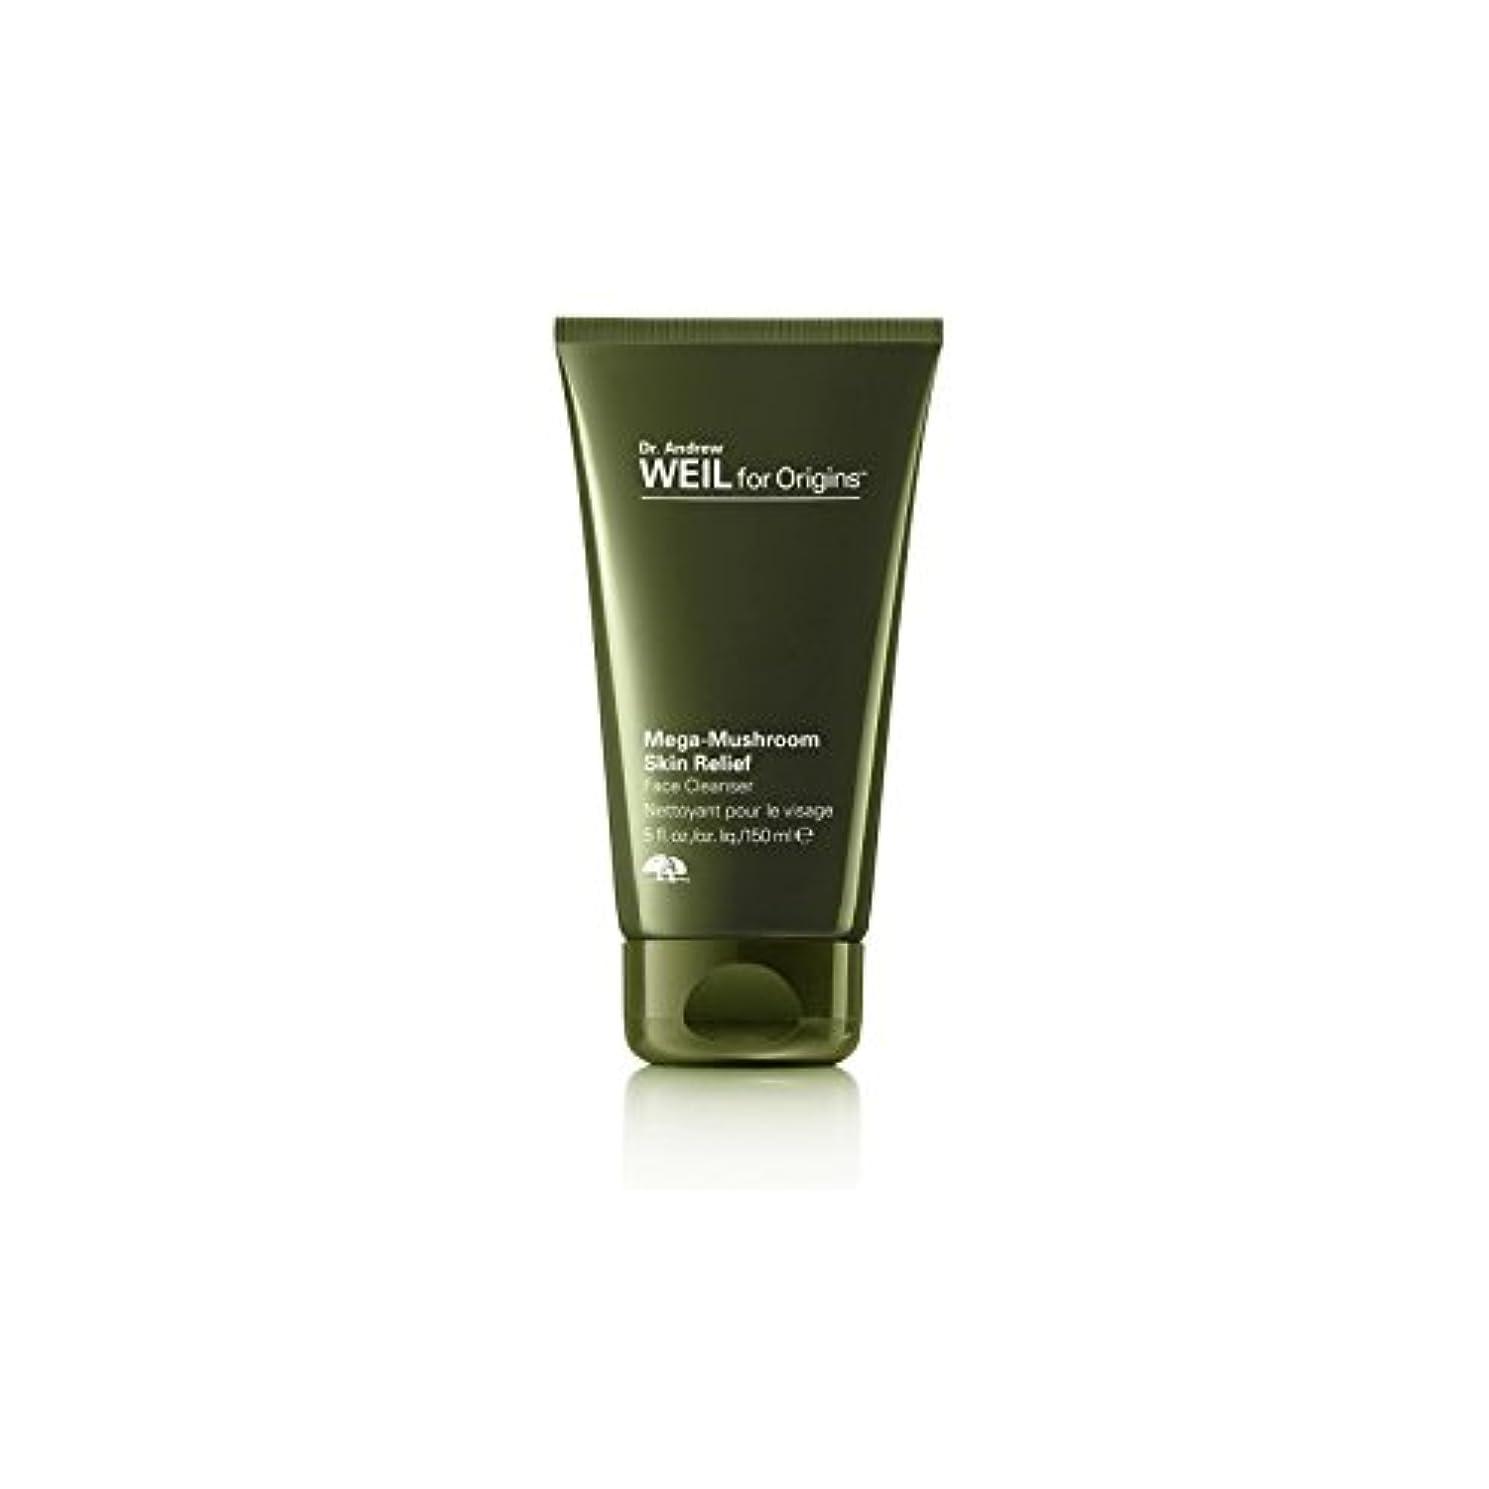 無数のガム太いOrigins Dr. Andrew Weil For Origins Mega-Mushroom Skin Relief Face Cleanser 150ml - 起源アンドルー?ワイル起源メガキノコ皮膚救済顔クレンザー...